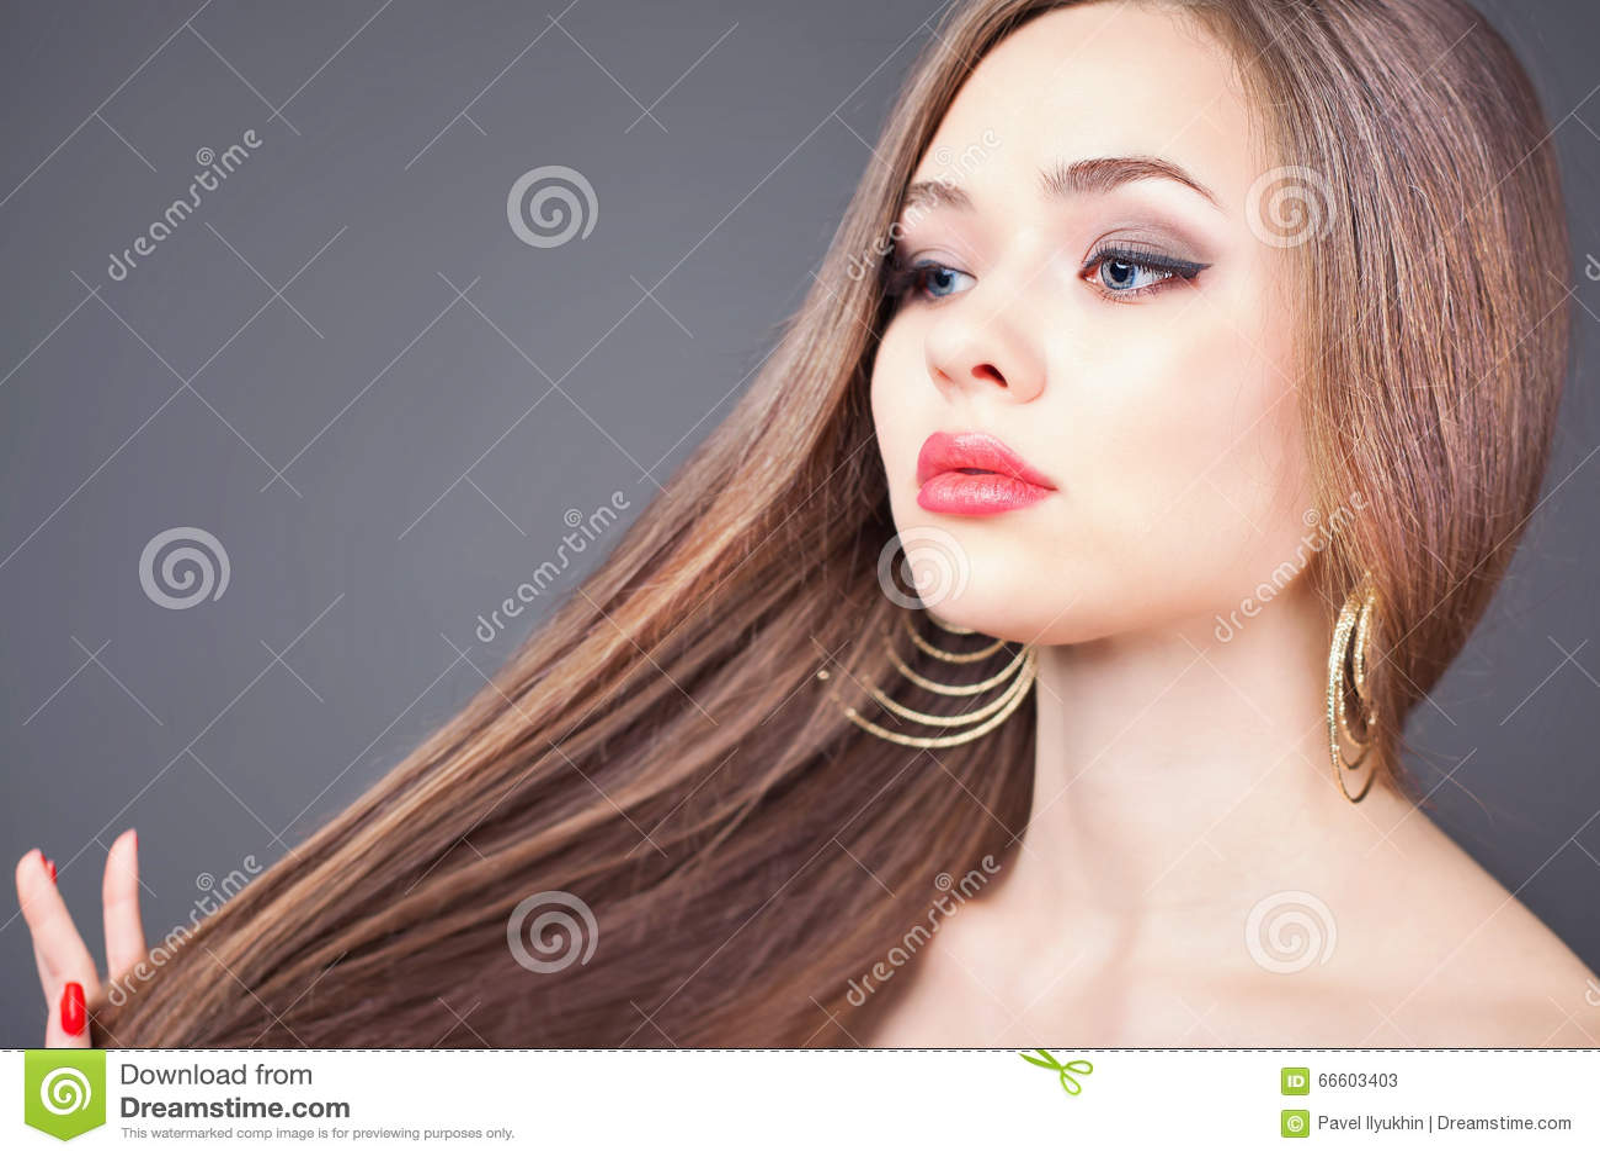 Abstrakcjonistyczna sztandaru mody fryzury ilustracja pięknego włosy długa prosta kobieta